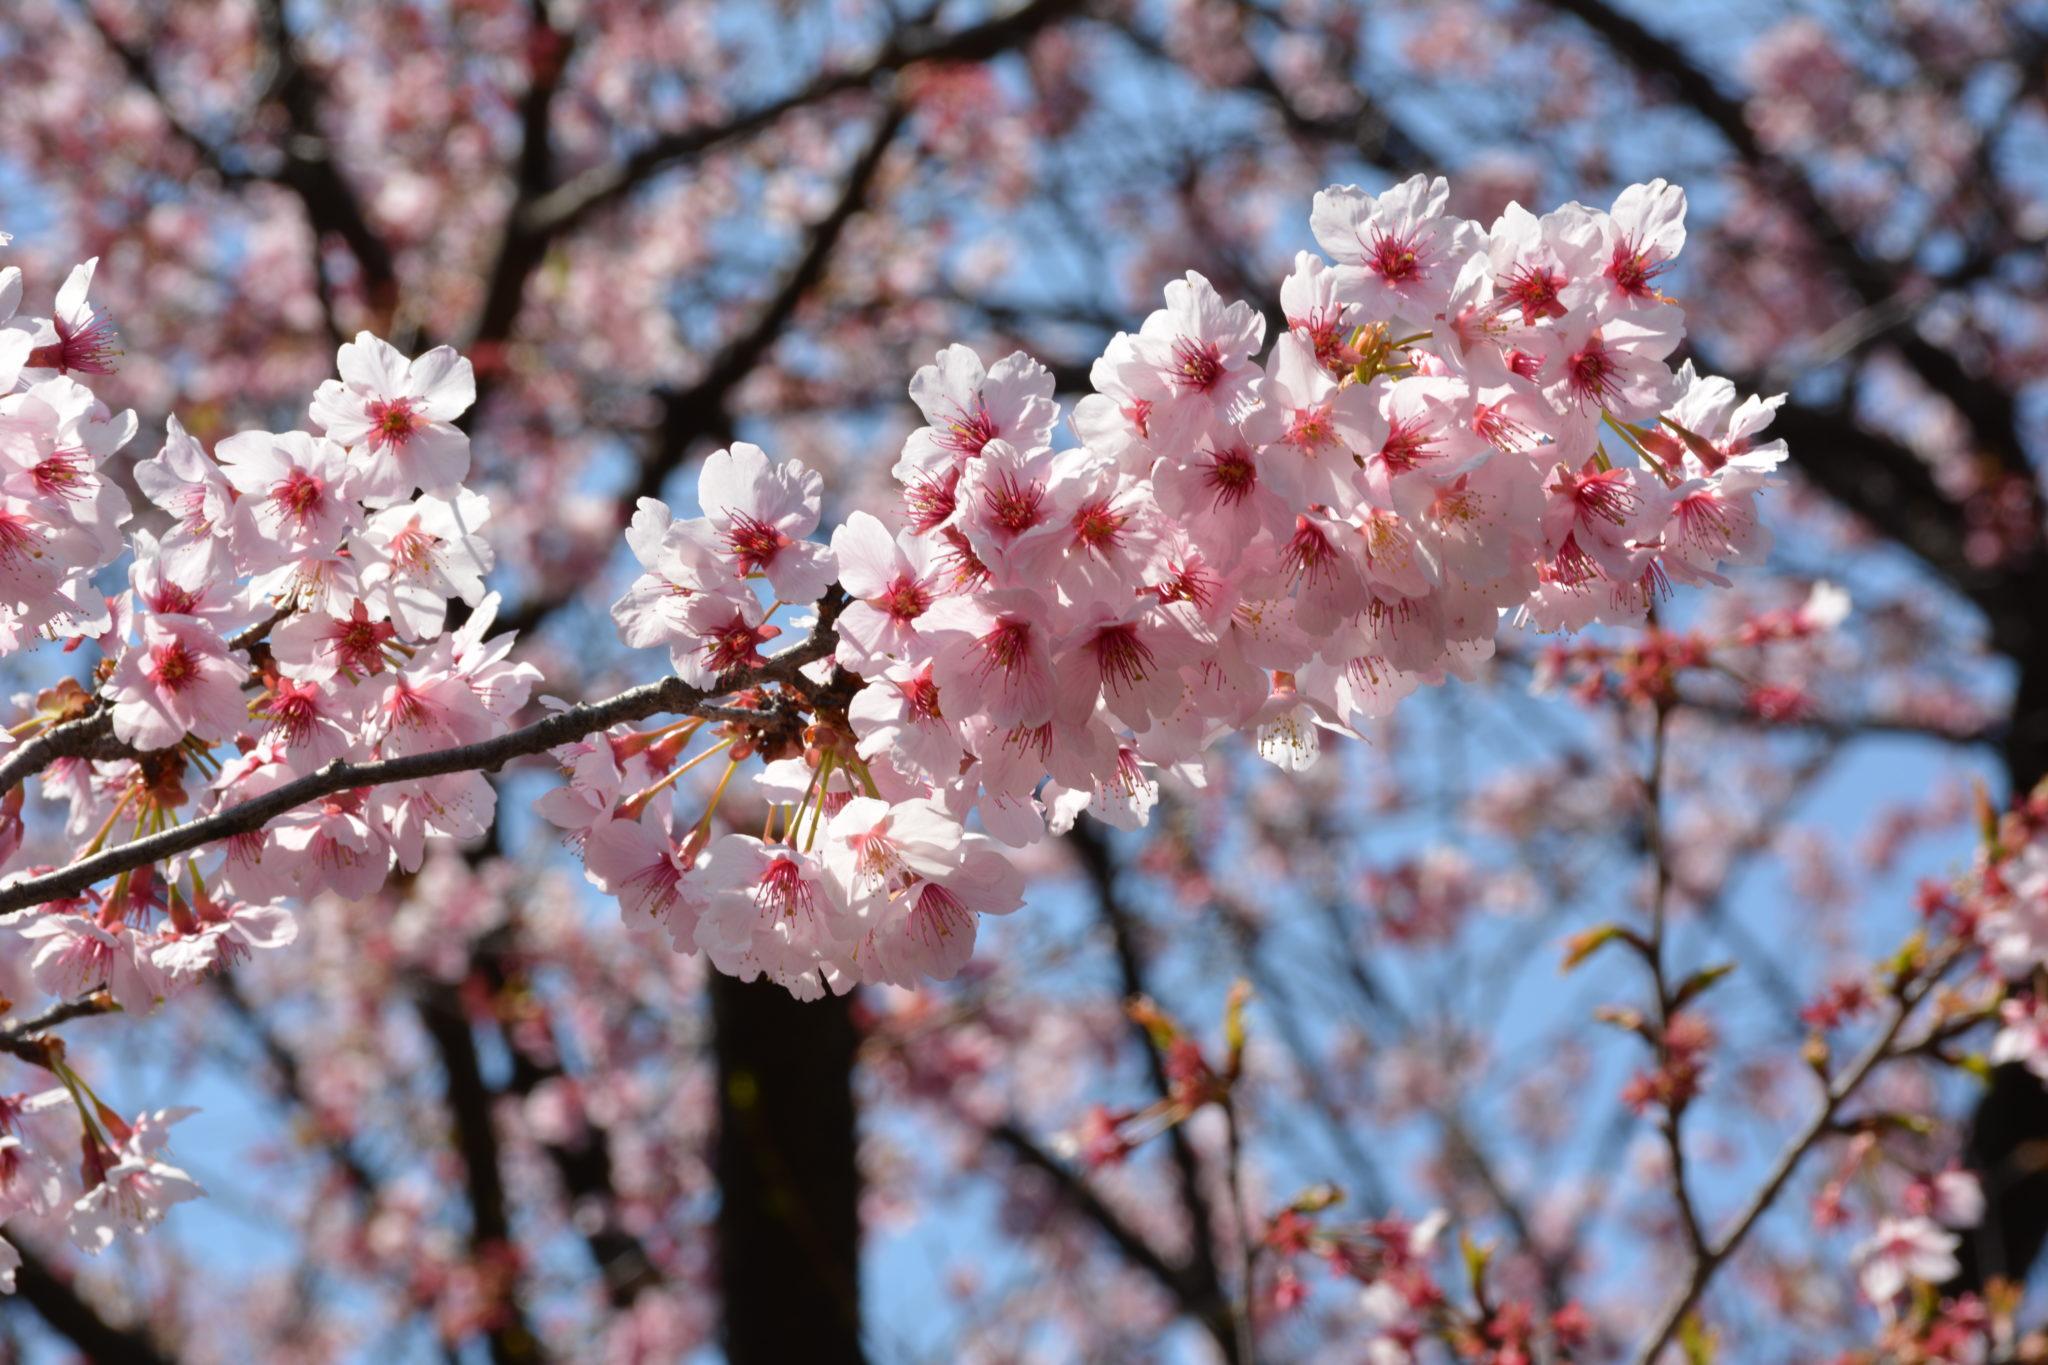 Arbol De Cerezo Japones aprende a disfrutar del sakura, la flor de cerezo en japón